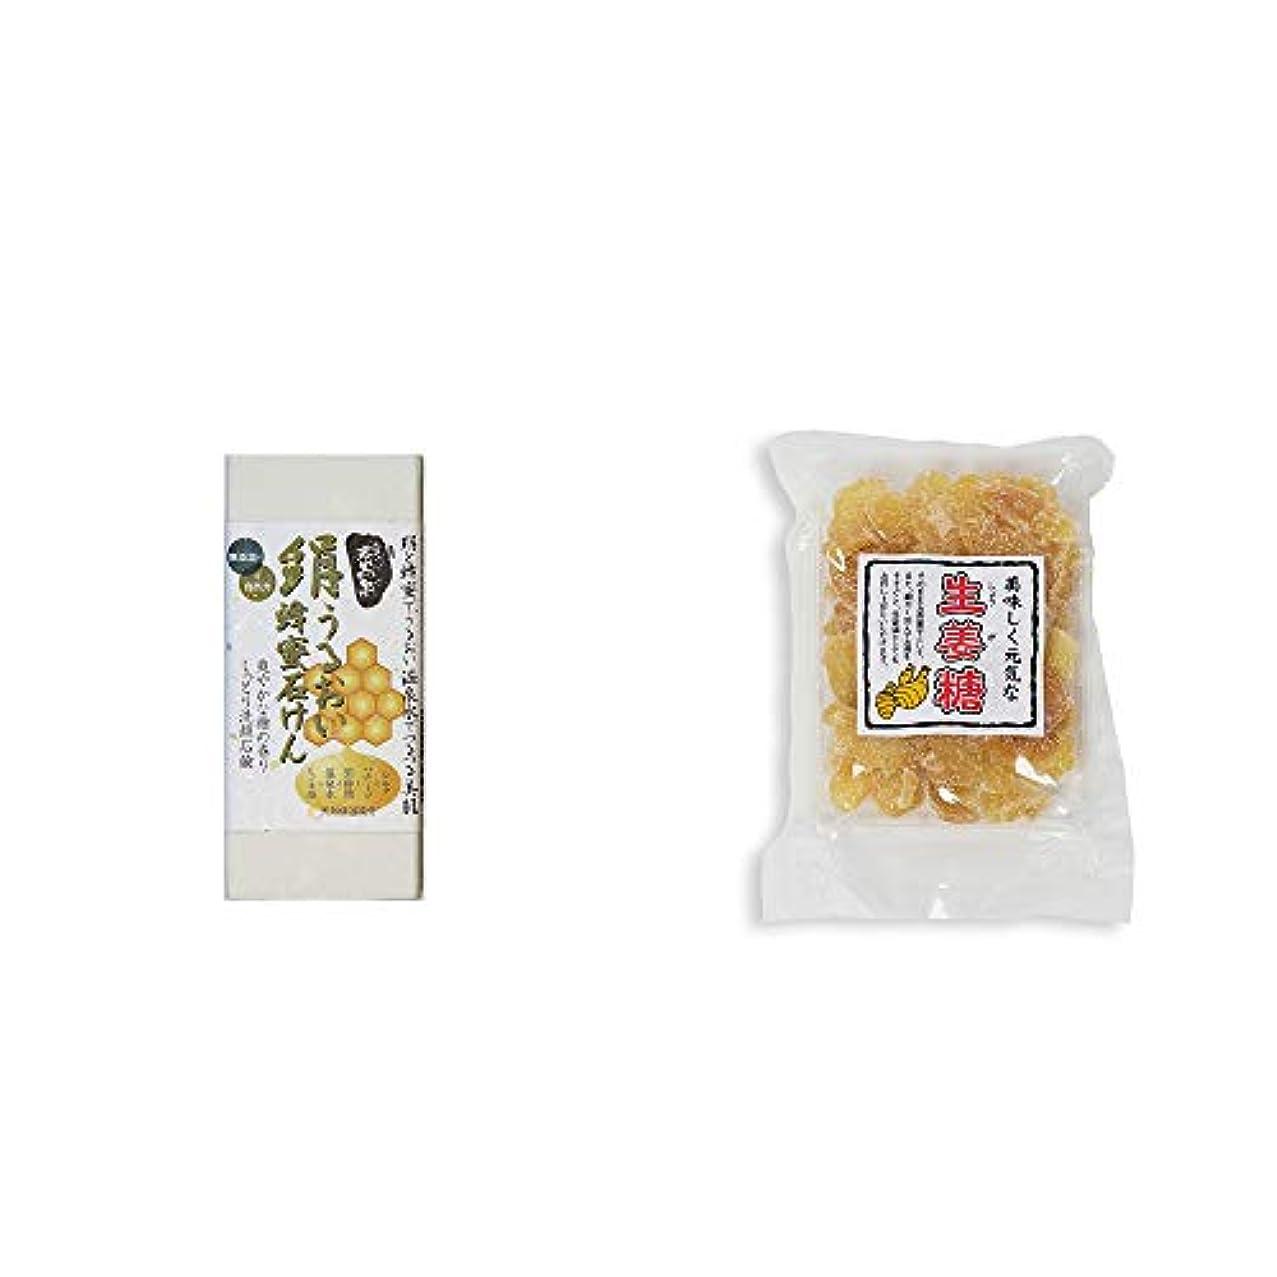 予想する輝度果てしない[2点セット] ひのき炭黒泉 絹うるおい蜂蜜石けん(75g×2)?生姜糖(230g)